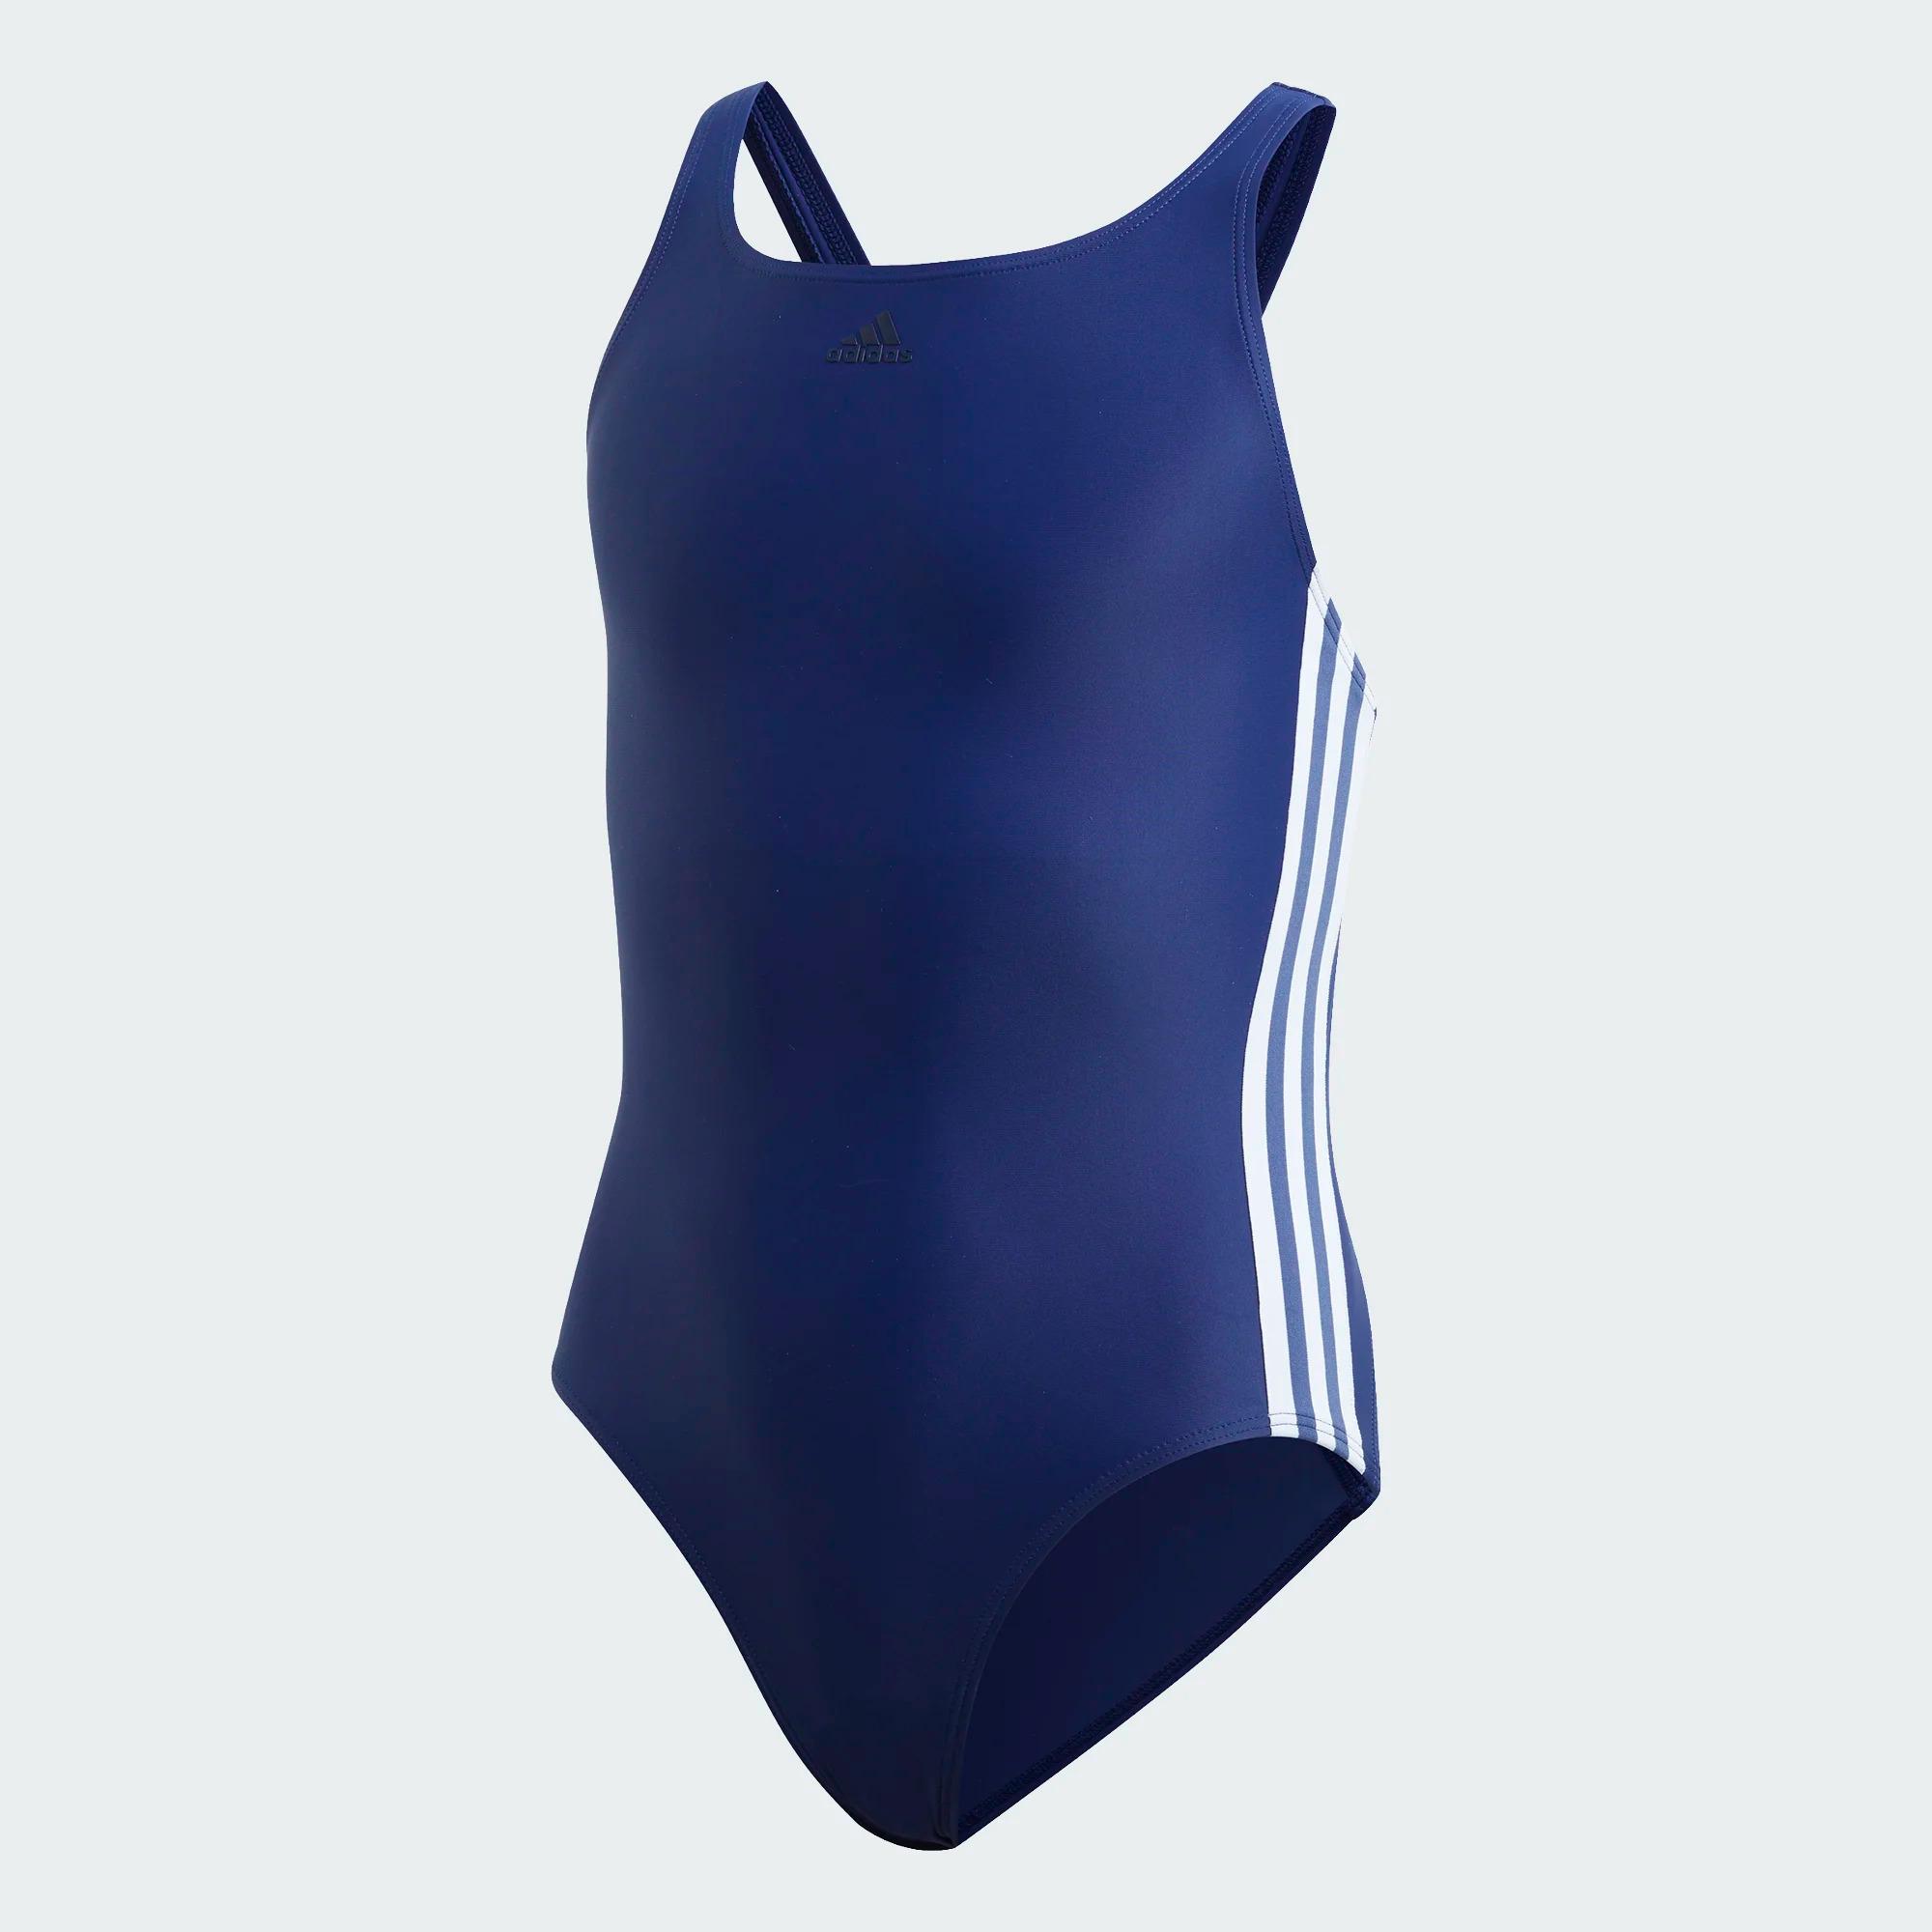 Adidas Athly V 3-Streifen Badeanzug für Mädchen - dunkelblau